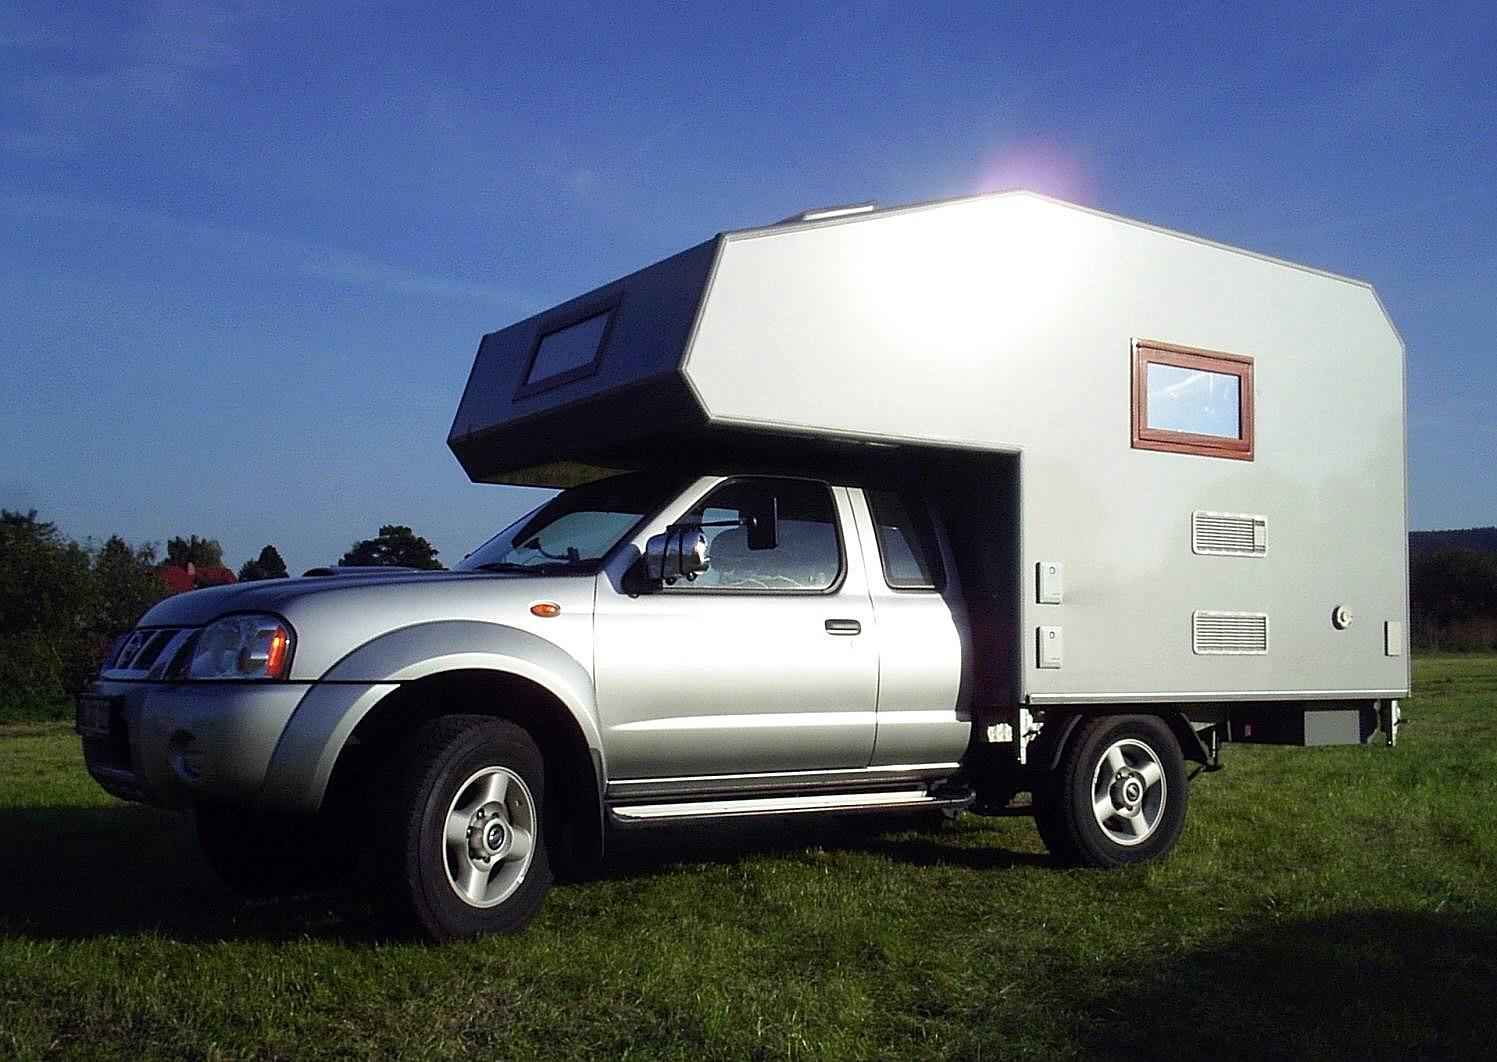 HoWeCa - Tiny Häuser und Caravan-Ausbauten